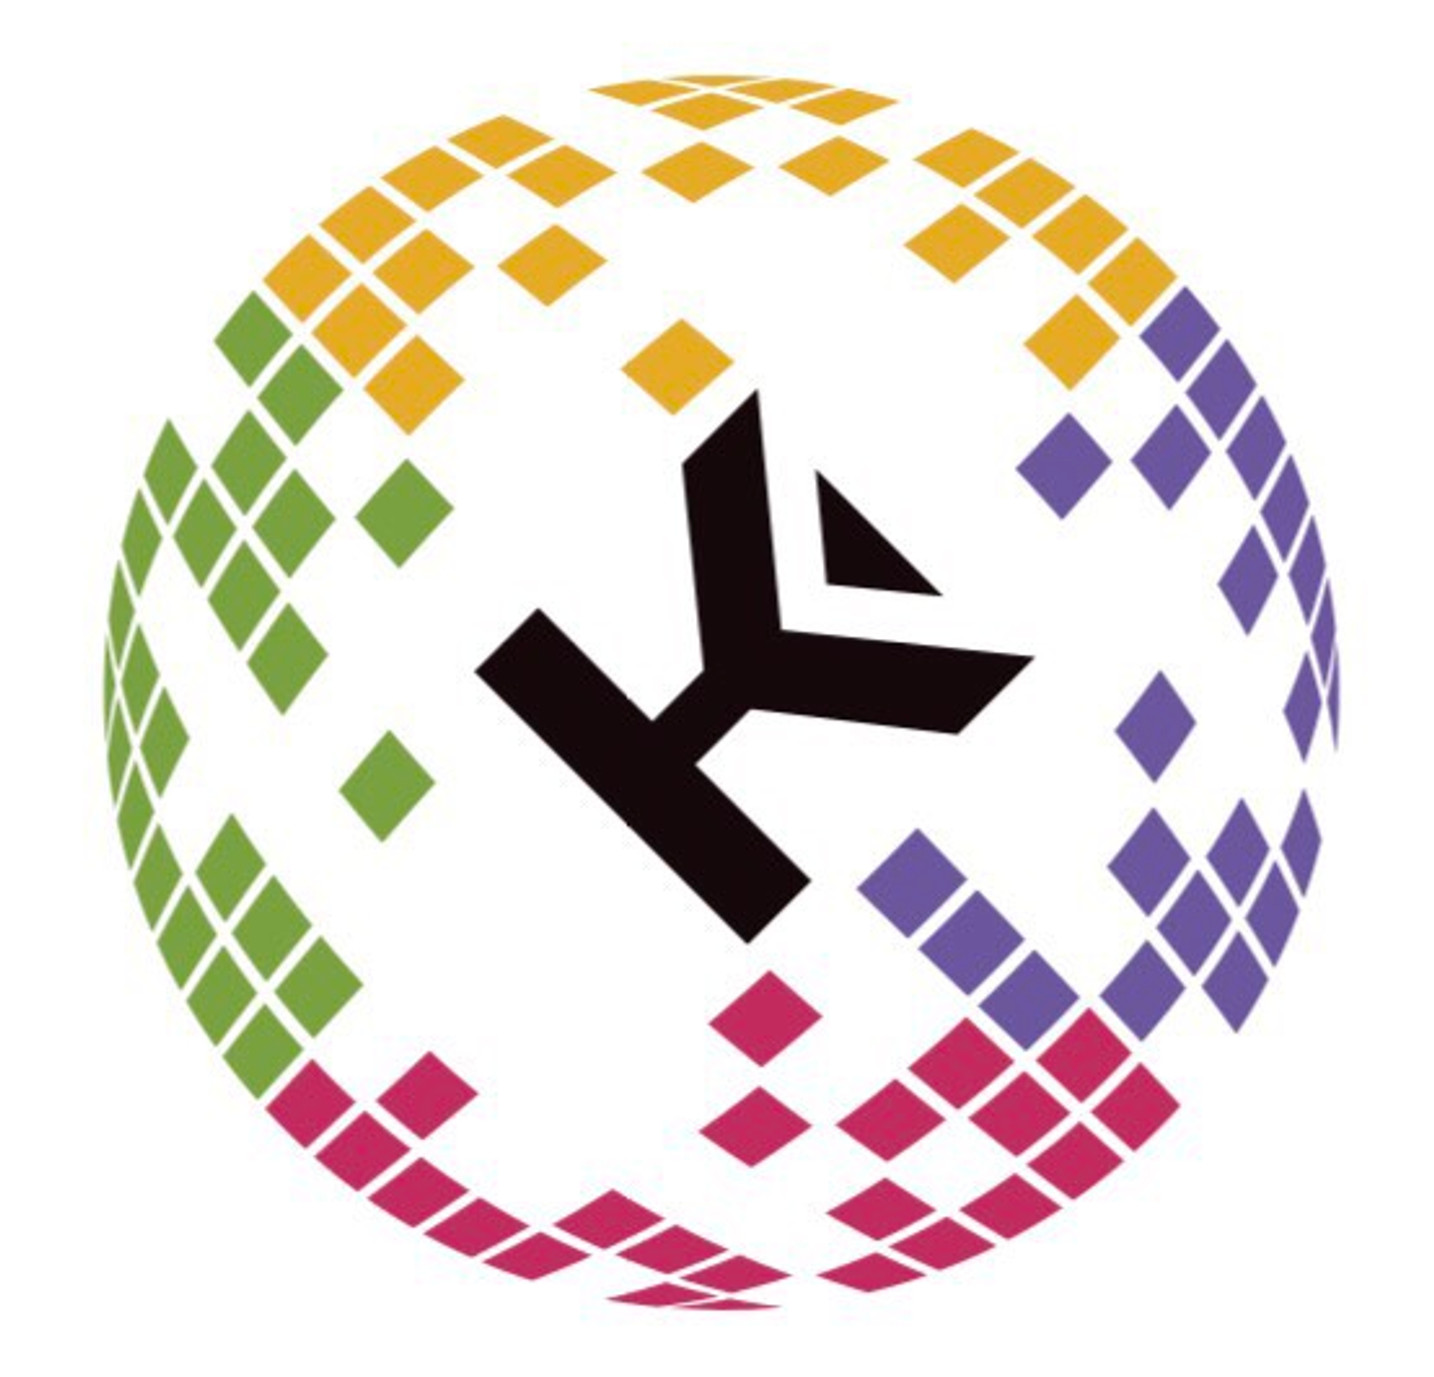 KIZUNA PROJECT セキュリティートークンプラットフォームとブロックチェーンの欠点を克服した次世代ブロックチェーンDAG技術で暗号通貨に新たな風を吹き込む。